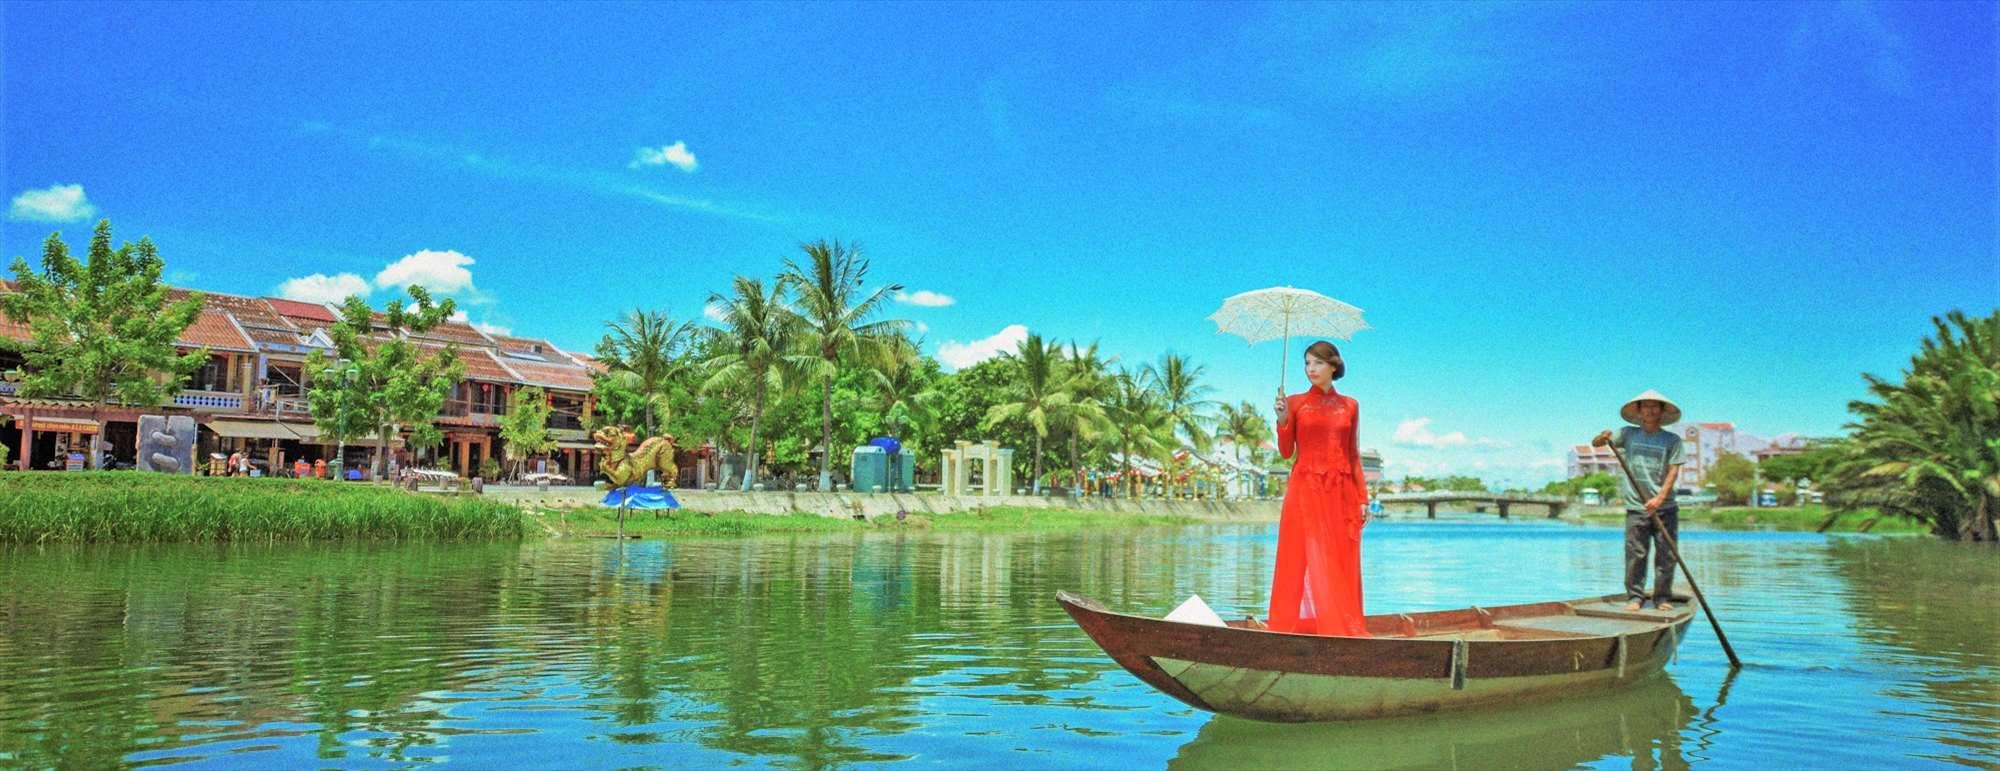 ベトナム・ホイアン・フォトウェディング<br /> Hoi An River Photo Wedding Ao Dai<br /> ホイアン・リバー アオザイ